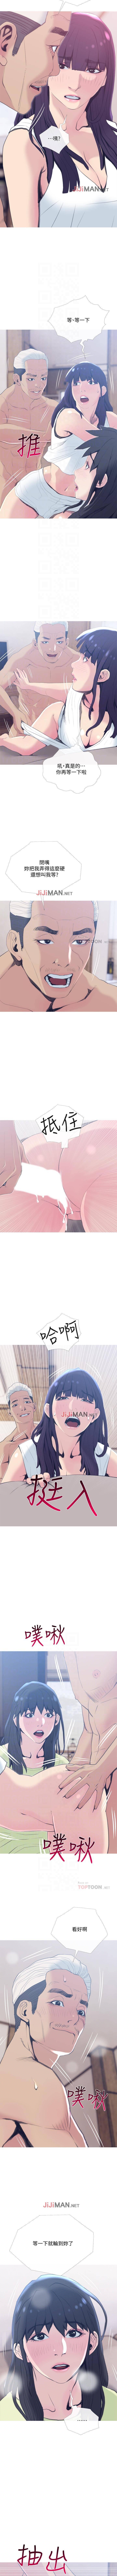 【周五连载】主妇危机(作者:查爾斯&漢水) 第1~26话 178